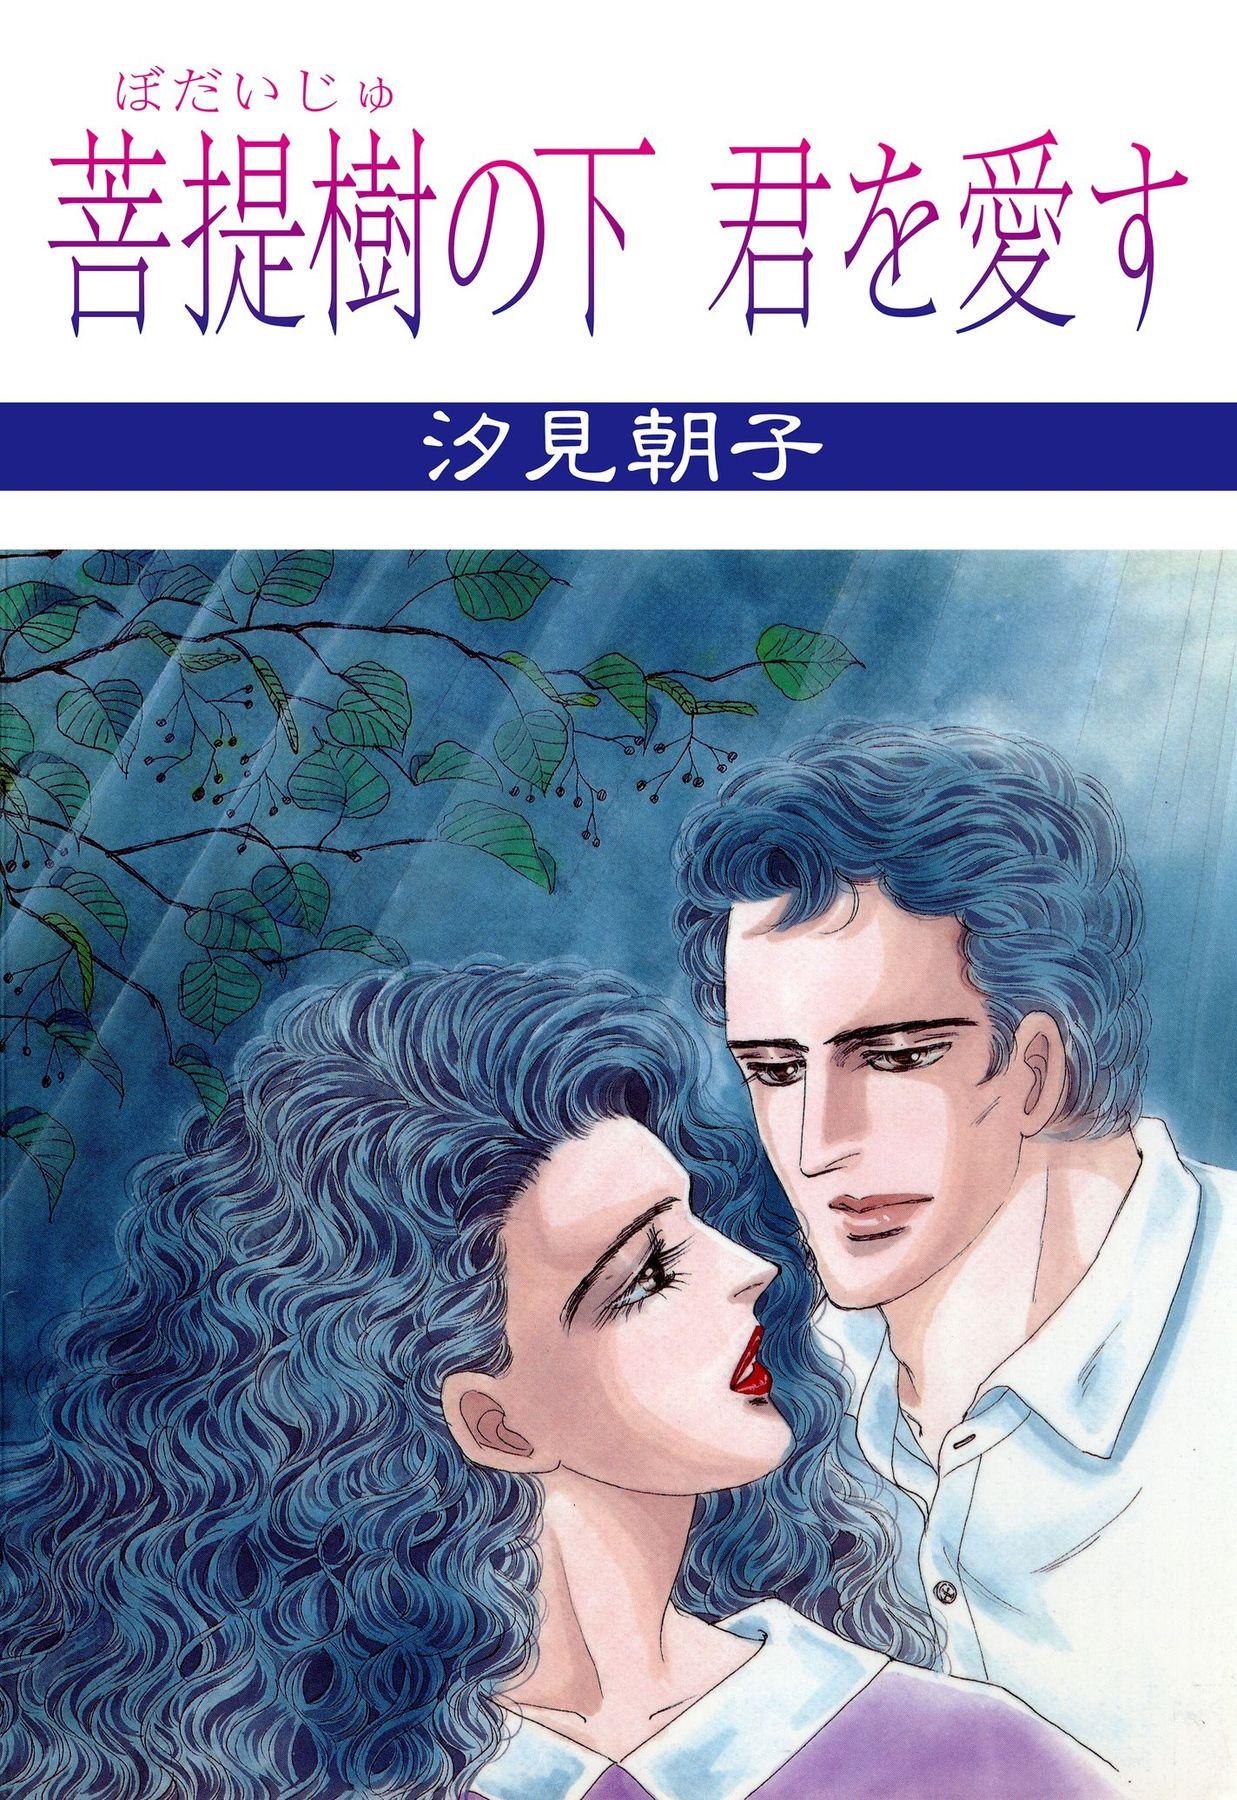 菩提樹の下君を愛す(第1巻)